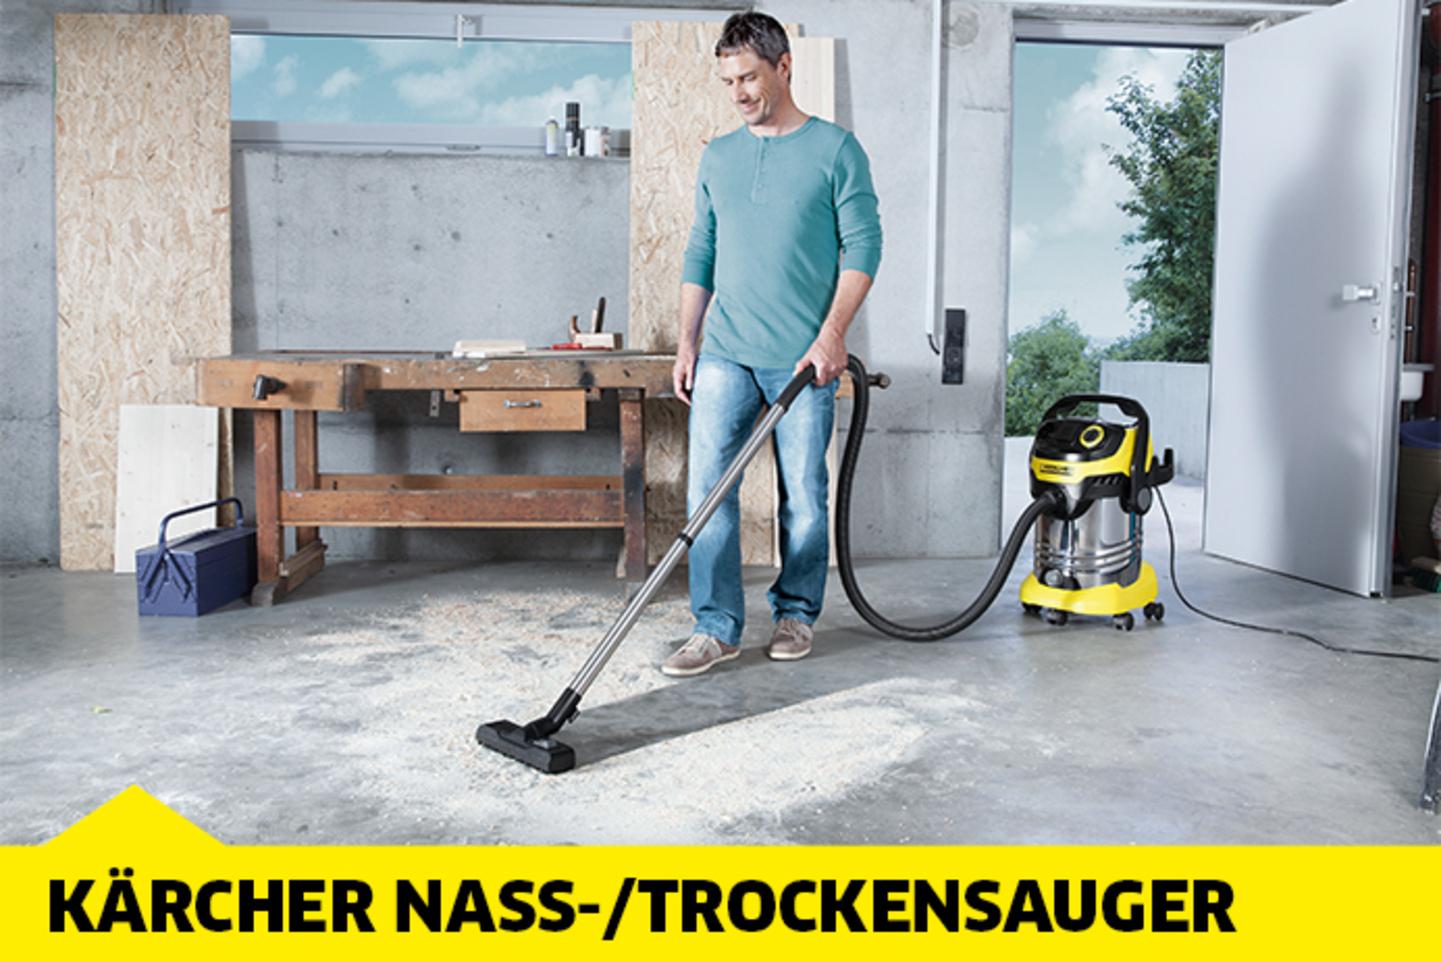 Kärcher Nass-/Trockensauger